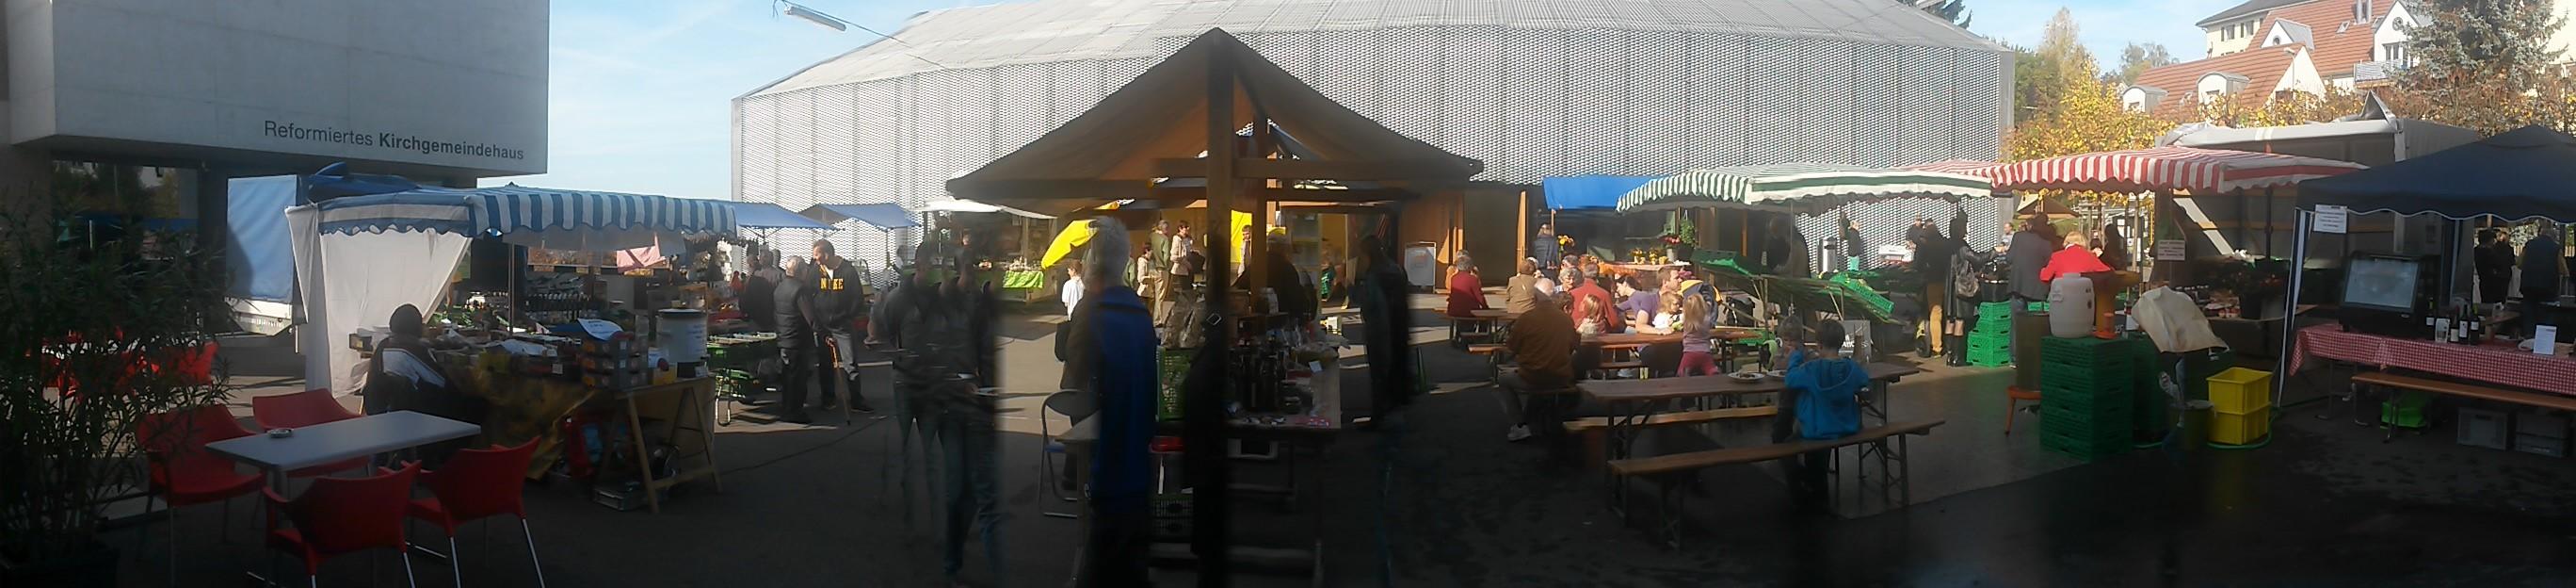 Leue Märt Männedorf Wochenmarkt